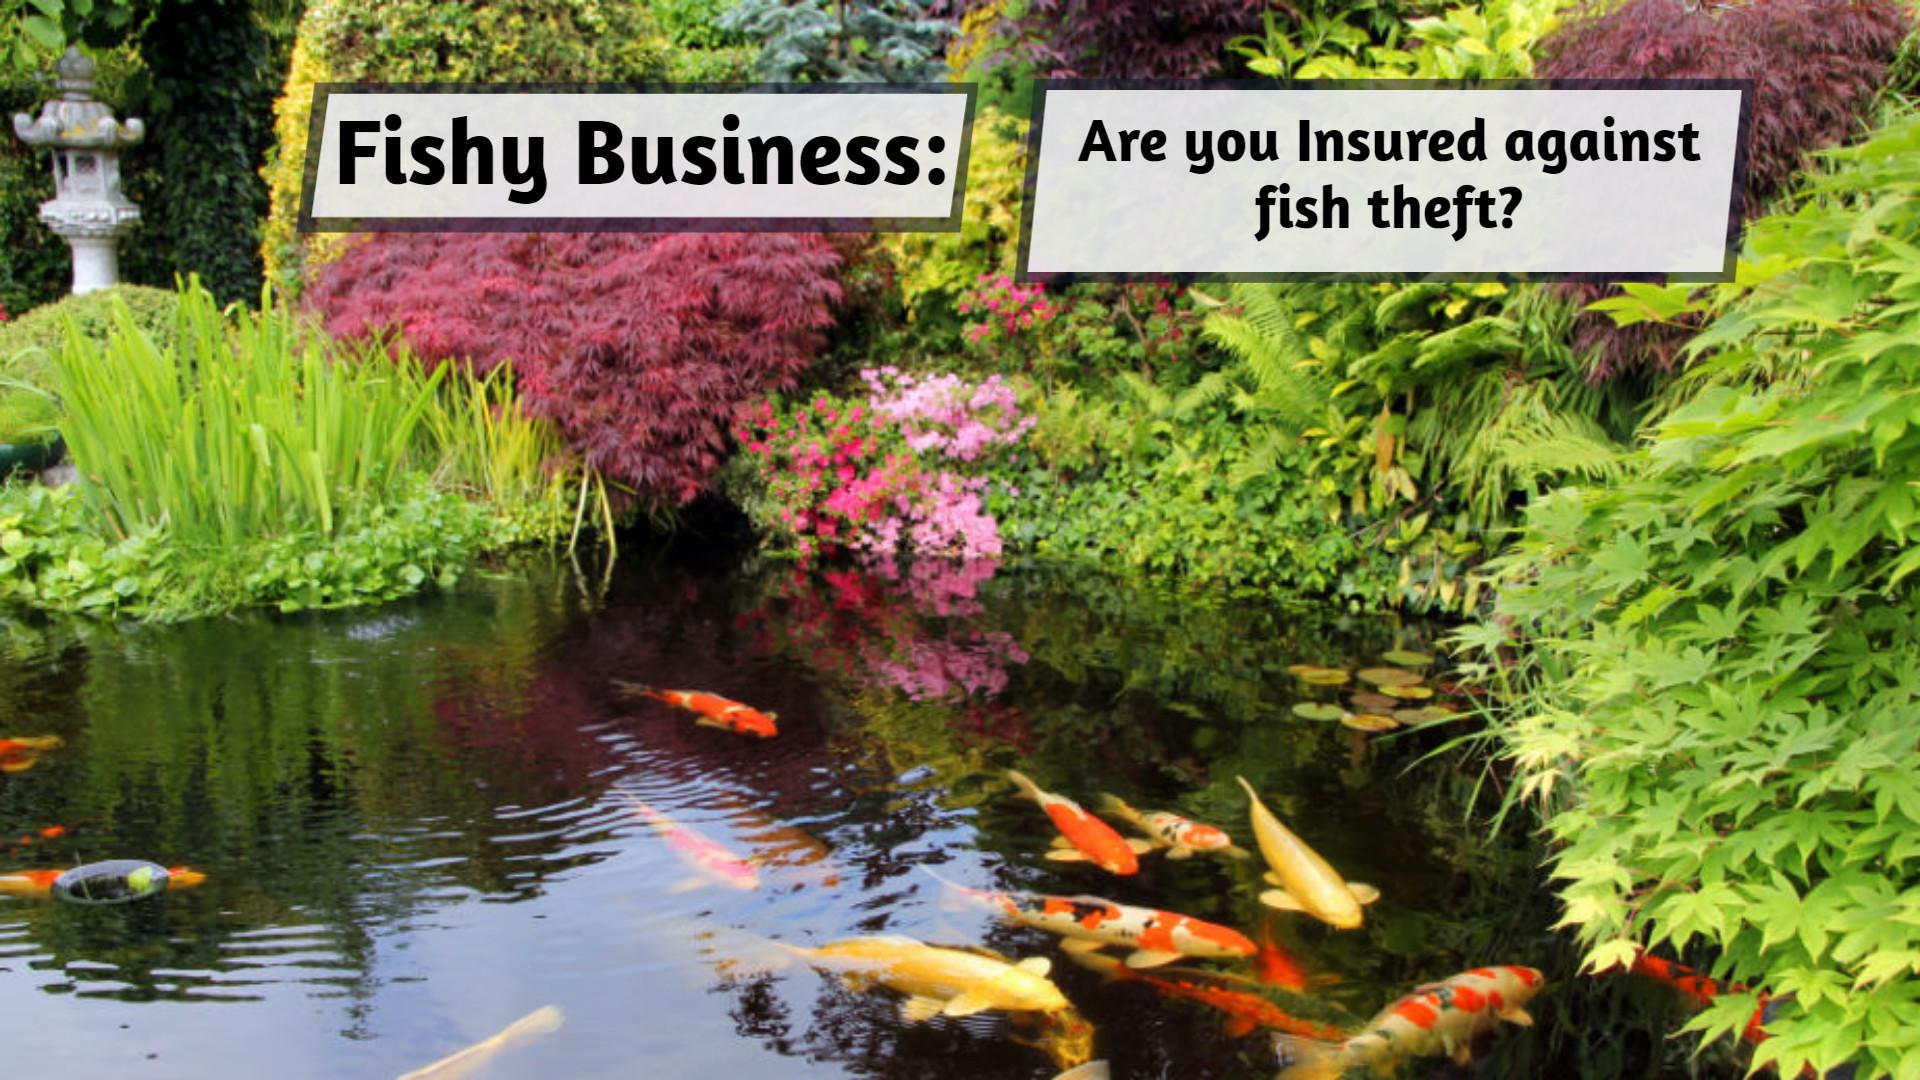 Fish theft